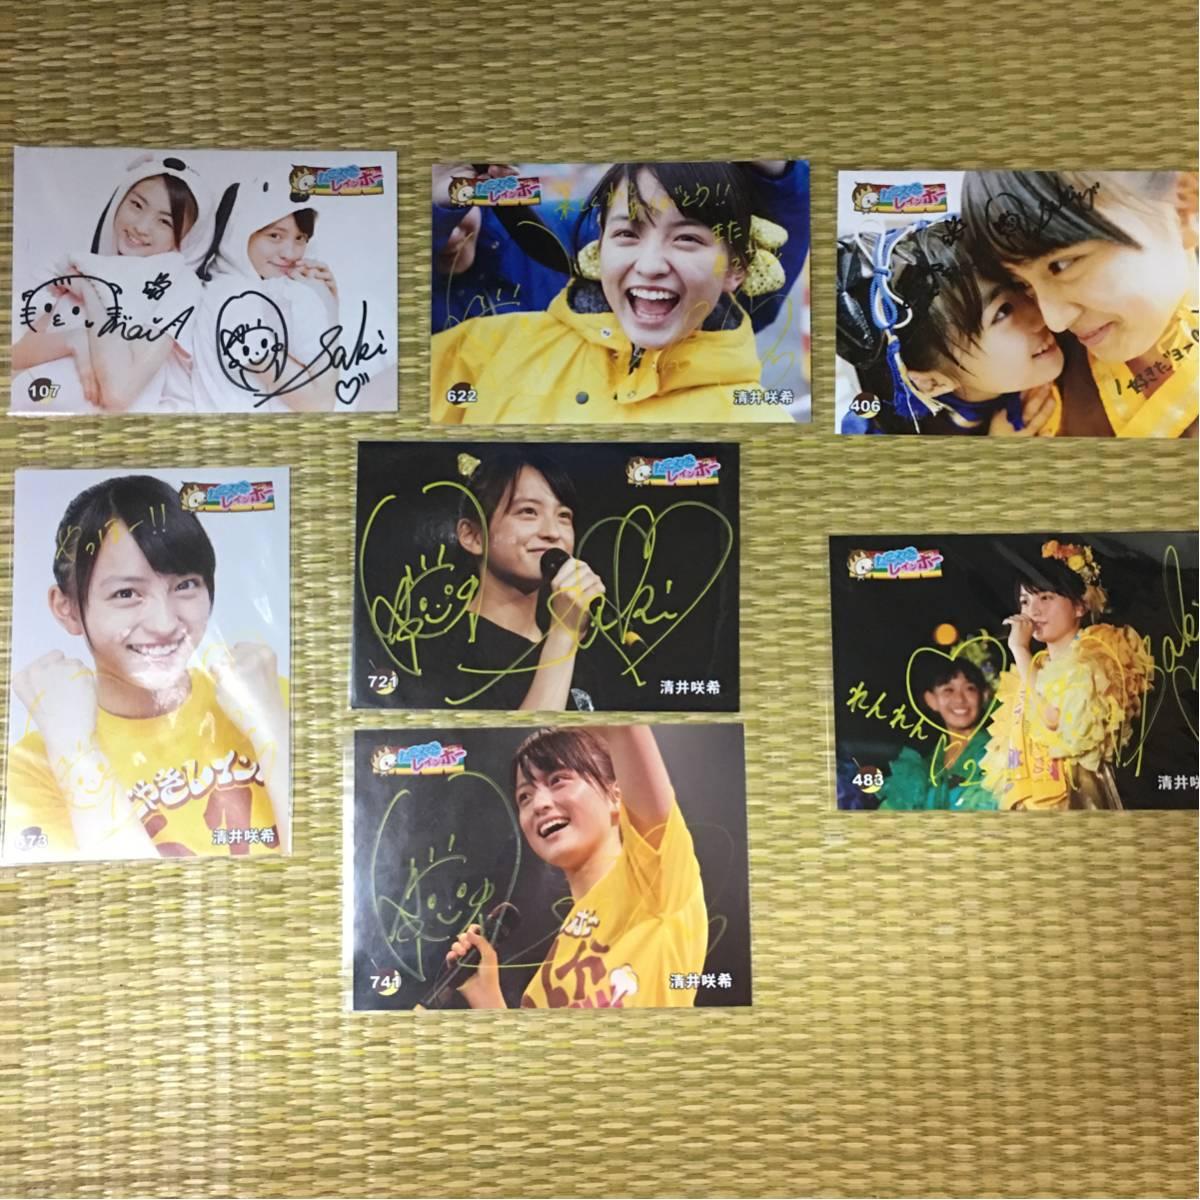 【7枚セット】清井咲希 生写真 サイン たこ虹 たこやきレインボー ライブグッズの画像